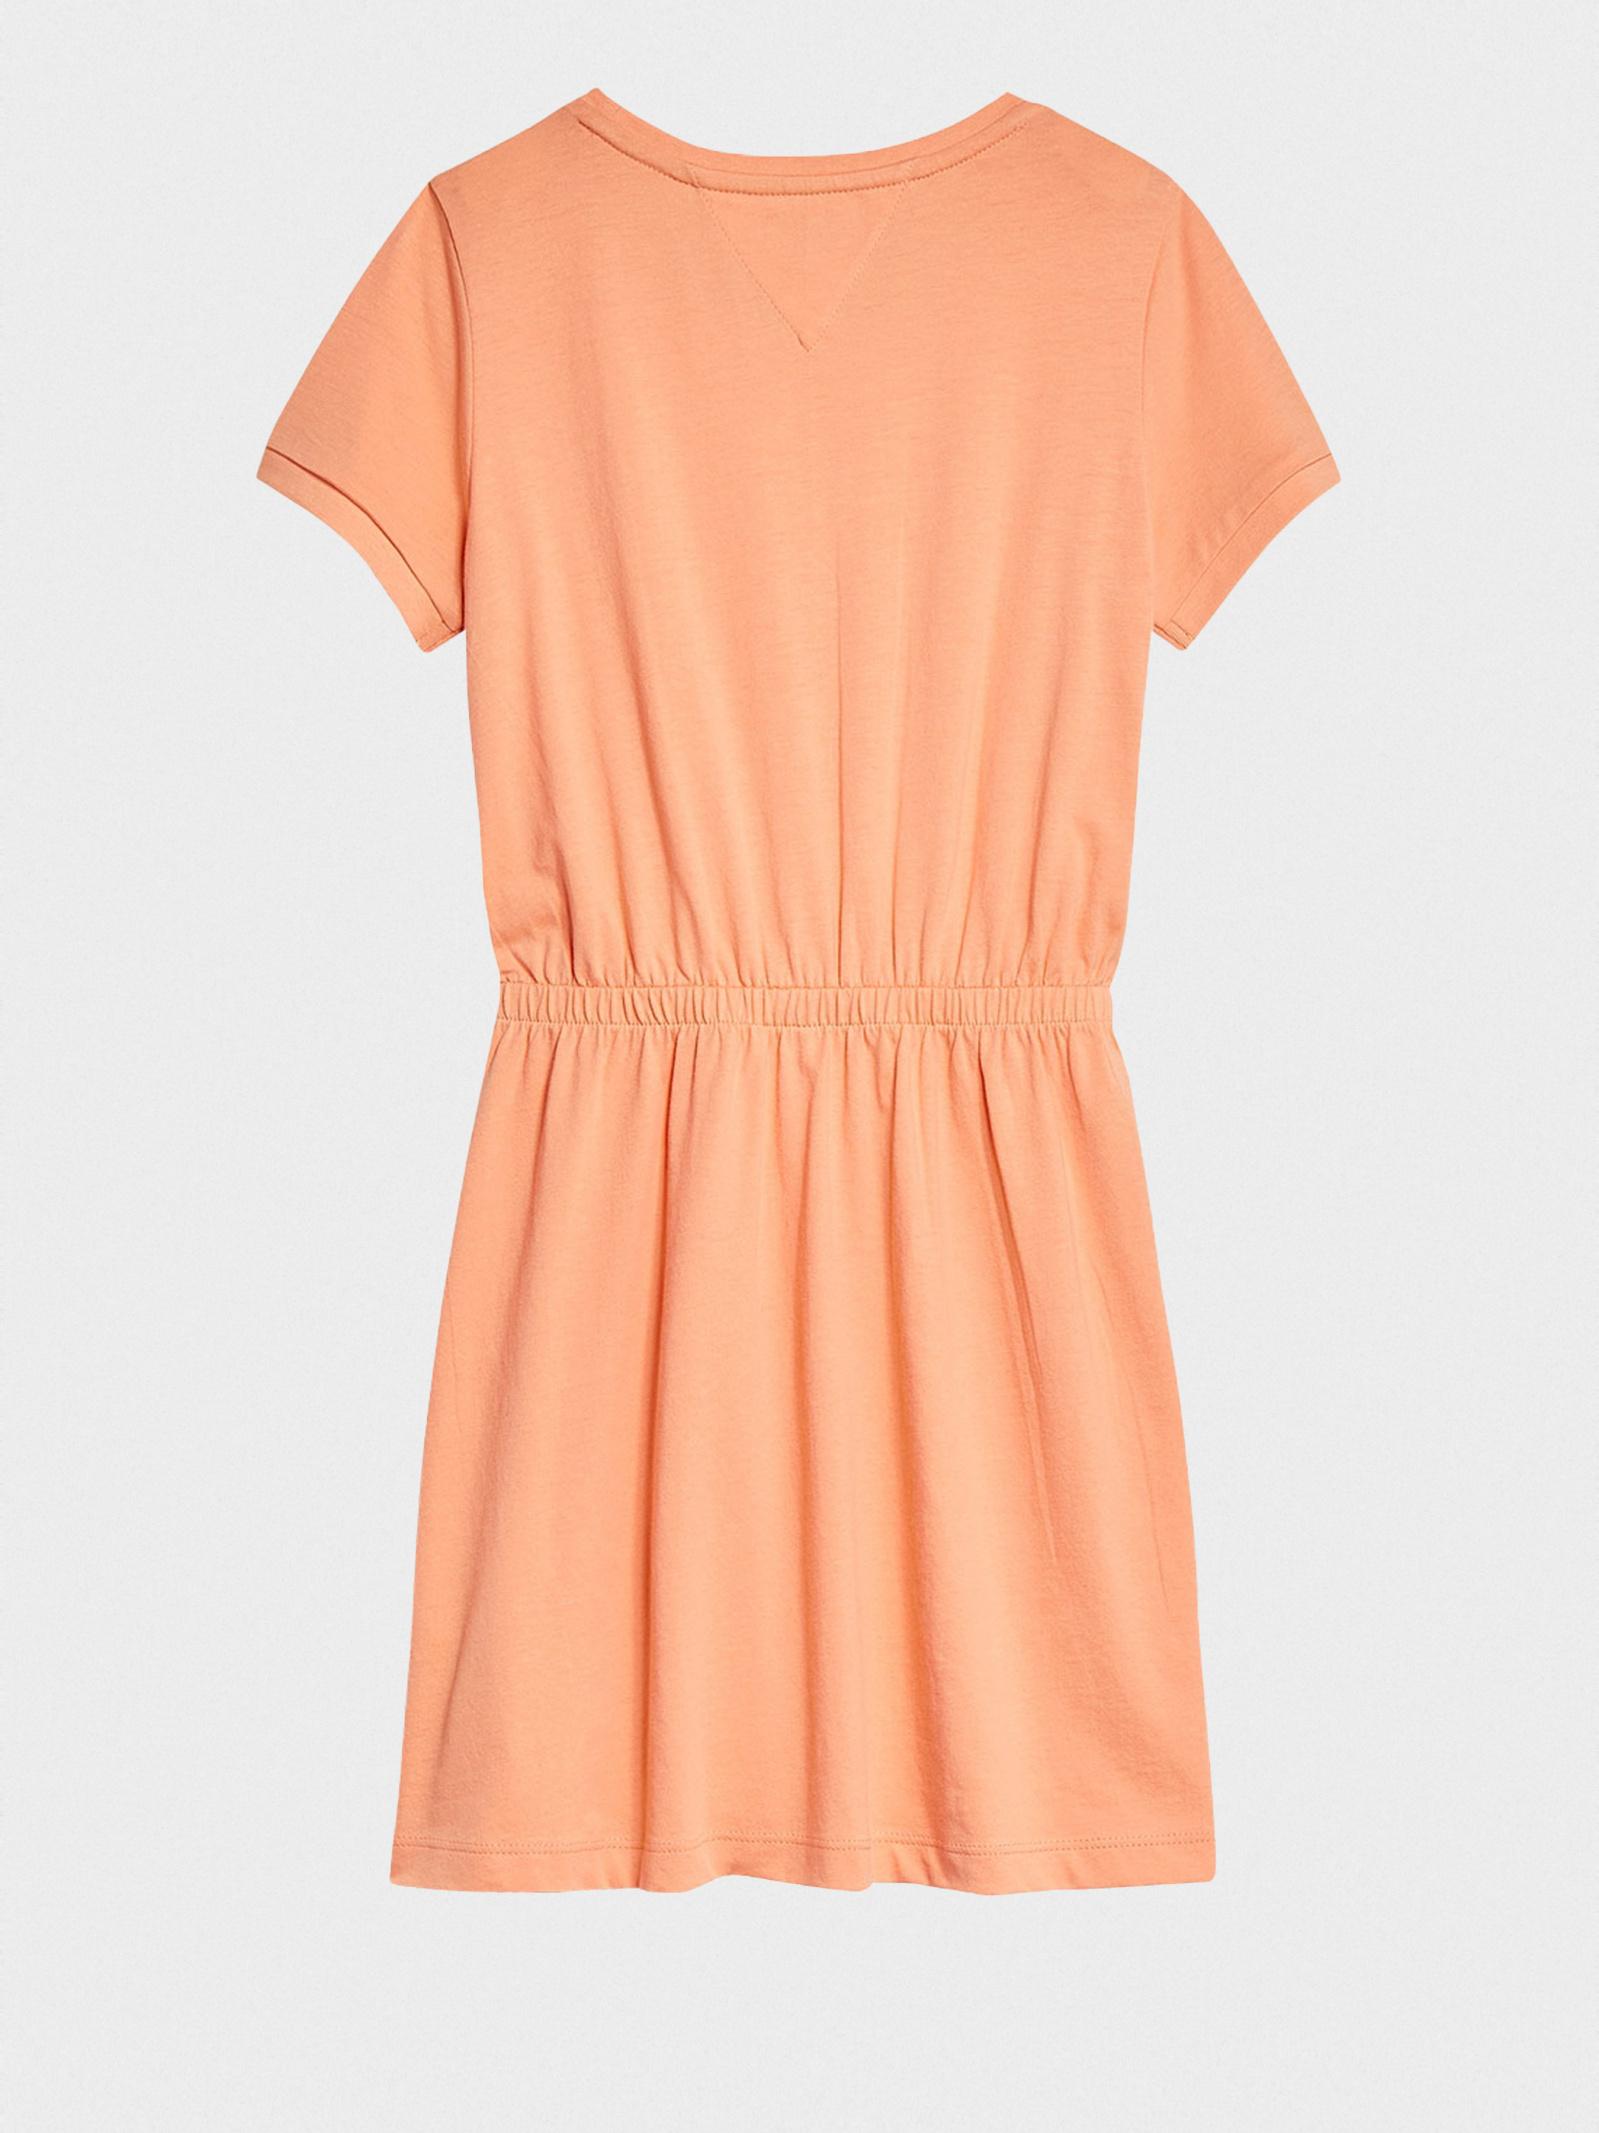 Платье детские Tommy Hilfiger модель KG0KG05158-SC1 приобрести, 2017